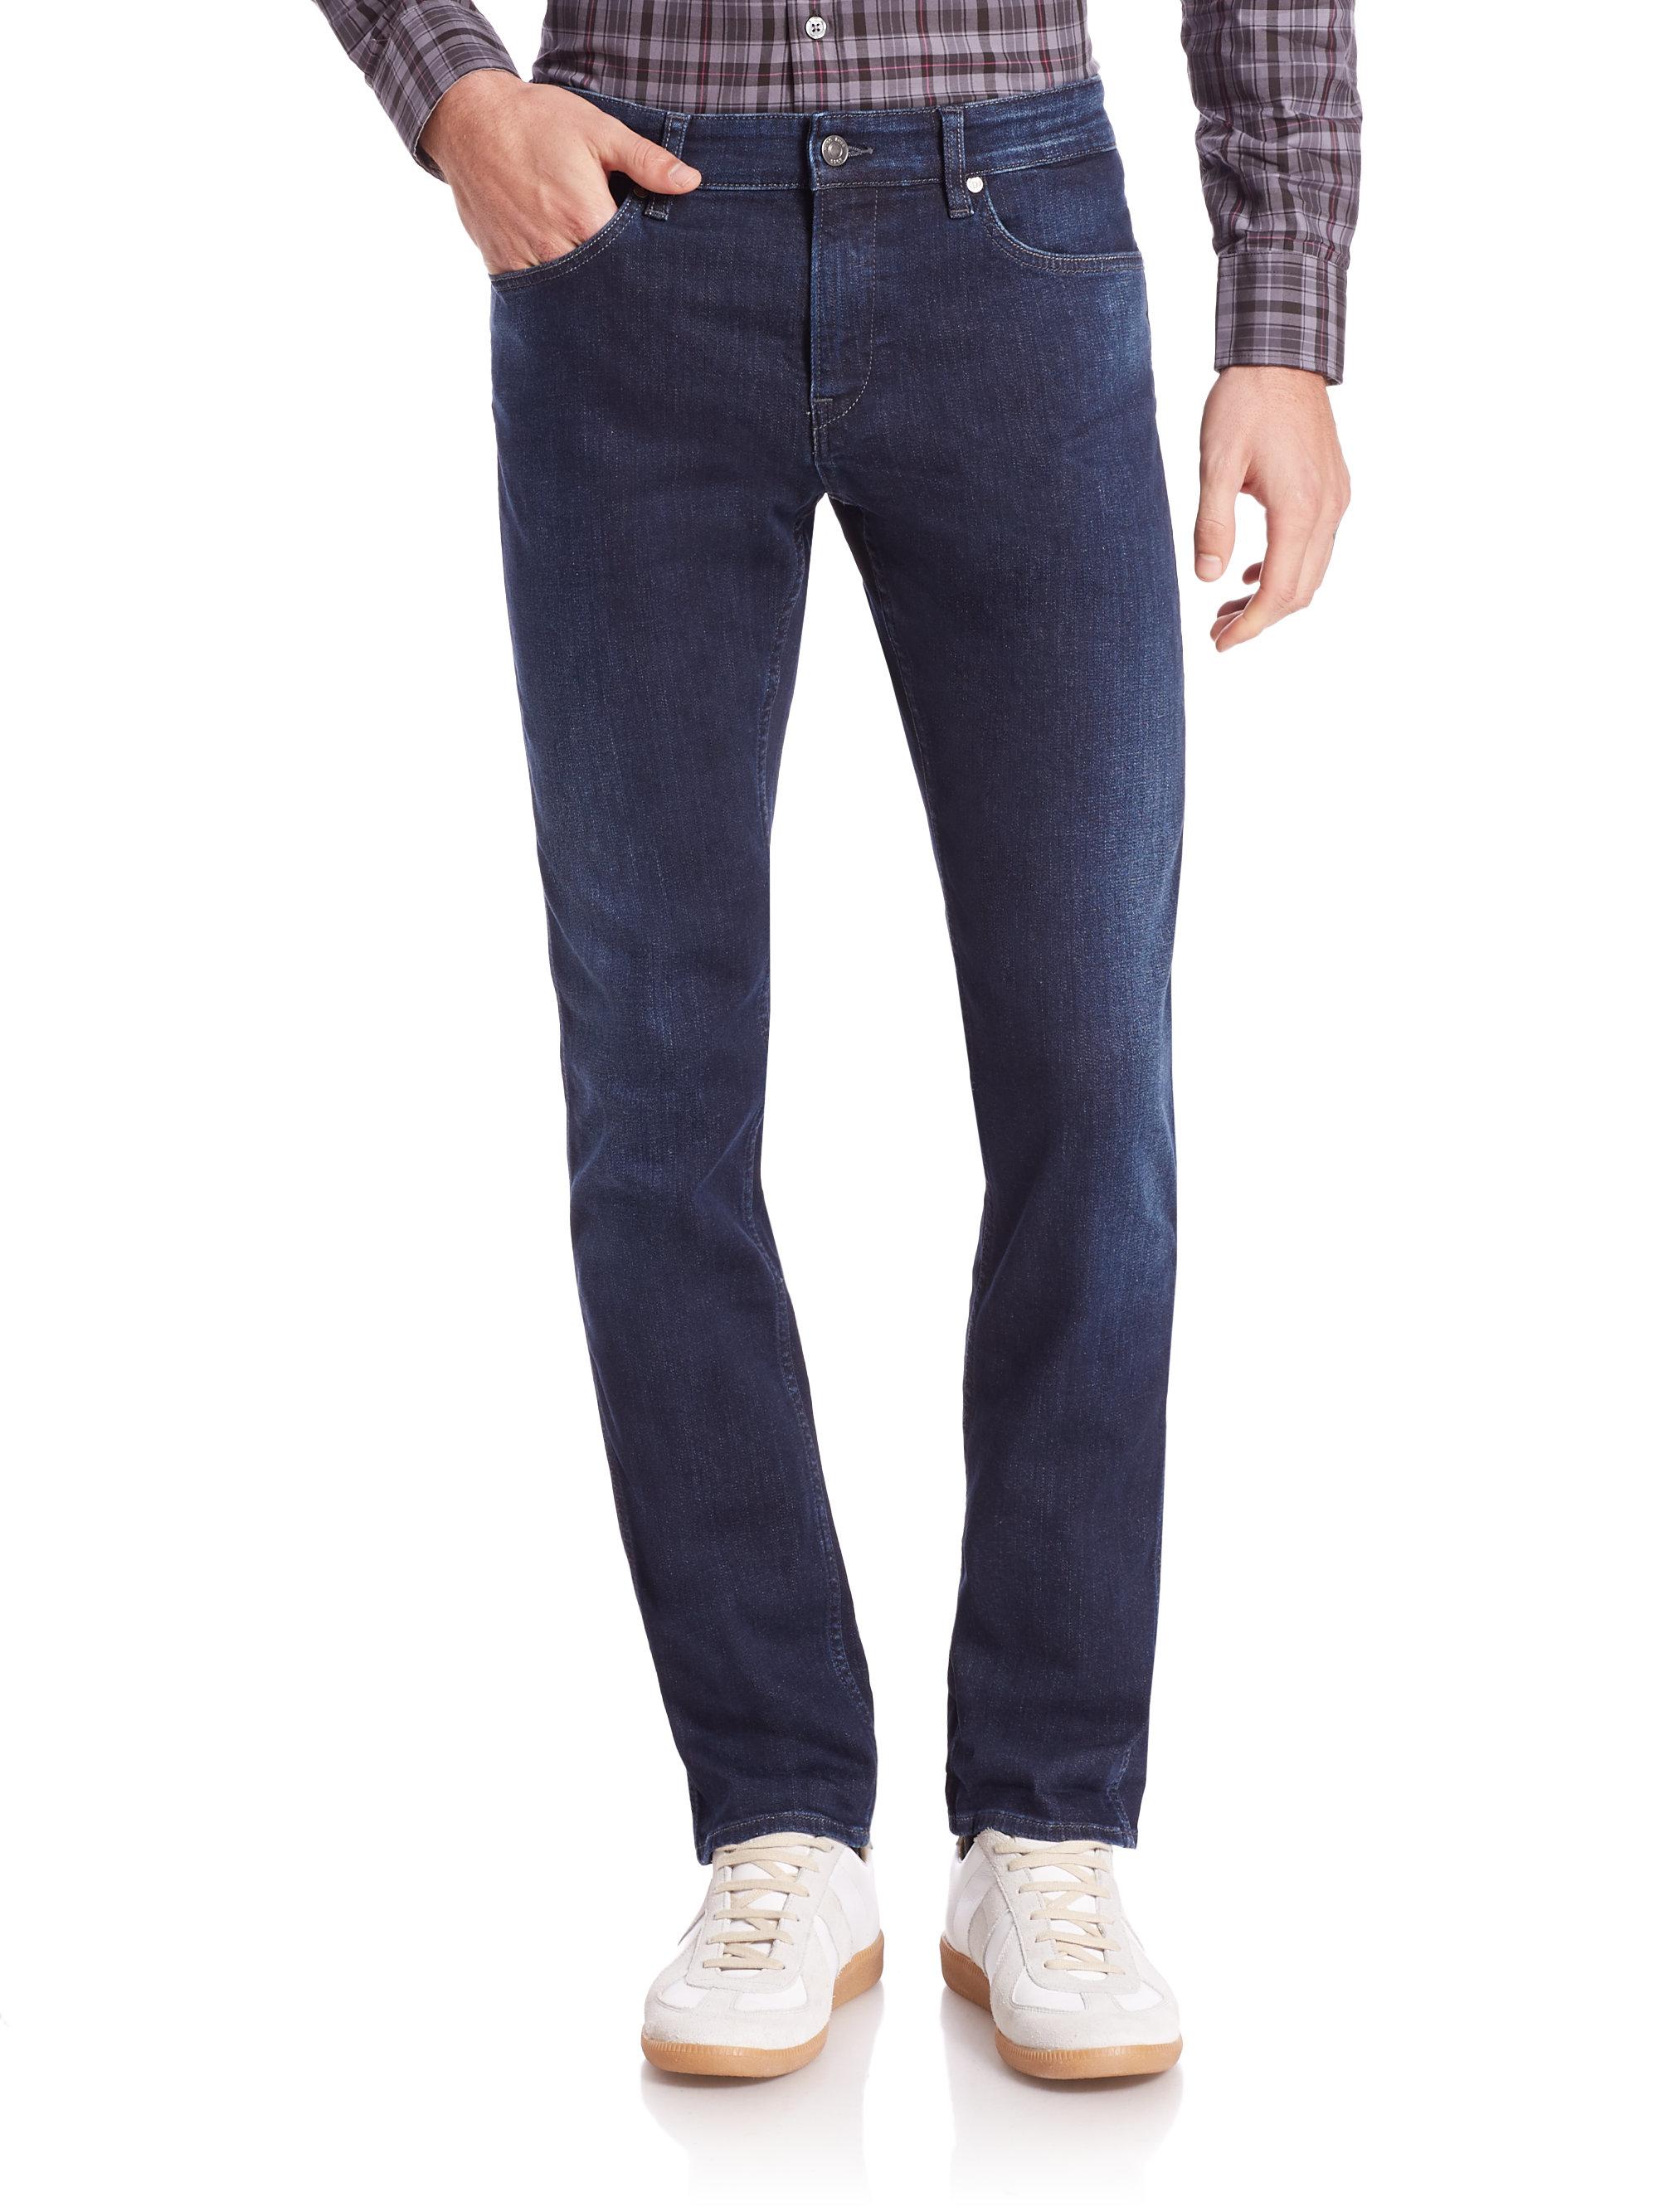 slim fit jeans damen used look slim jeans endource soft. Black Bedroom Furniture Sets. Home Design Ideas